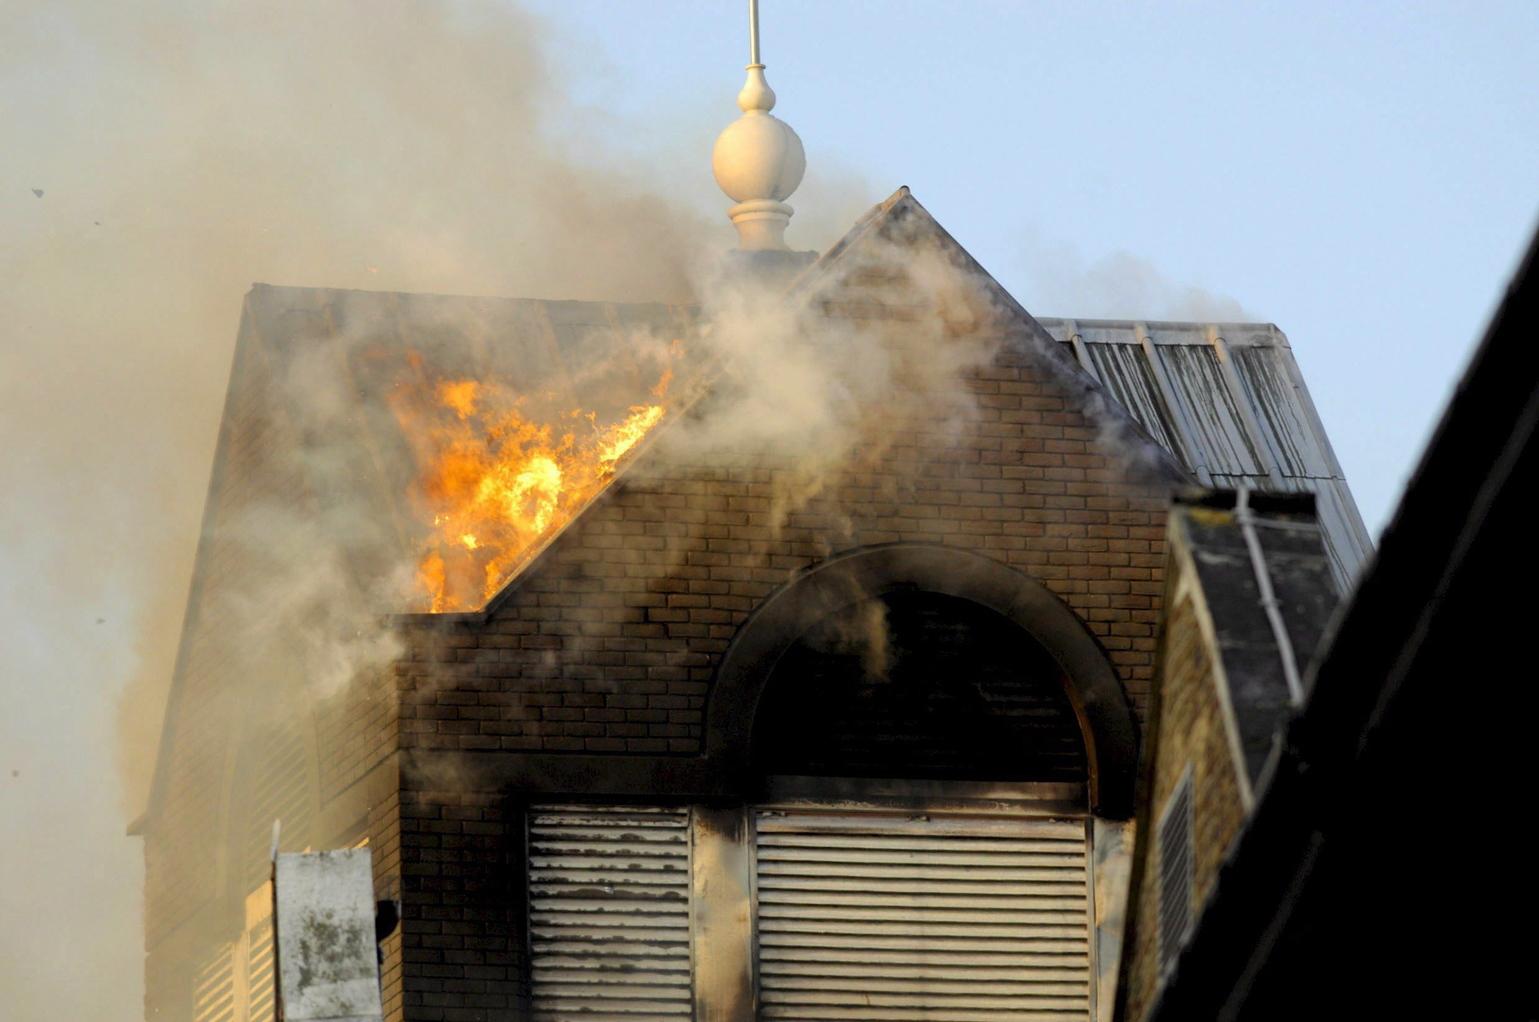 A Royal Marsden kórház teteje lángol a Fulham Roadon, a nyugat-londoni Chelsea negyedben 2008. január 2-án, miután tűz ütött ki az intézményben. Három ember: egy beteg és két tűzoltó füstmérgezés következtében életét vesztette (MTI/EPA/Daniel Hanbury)